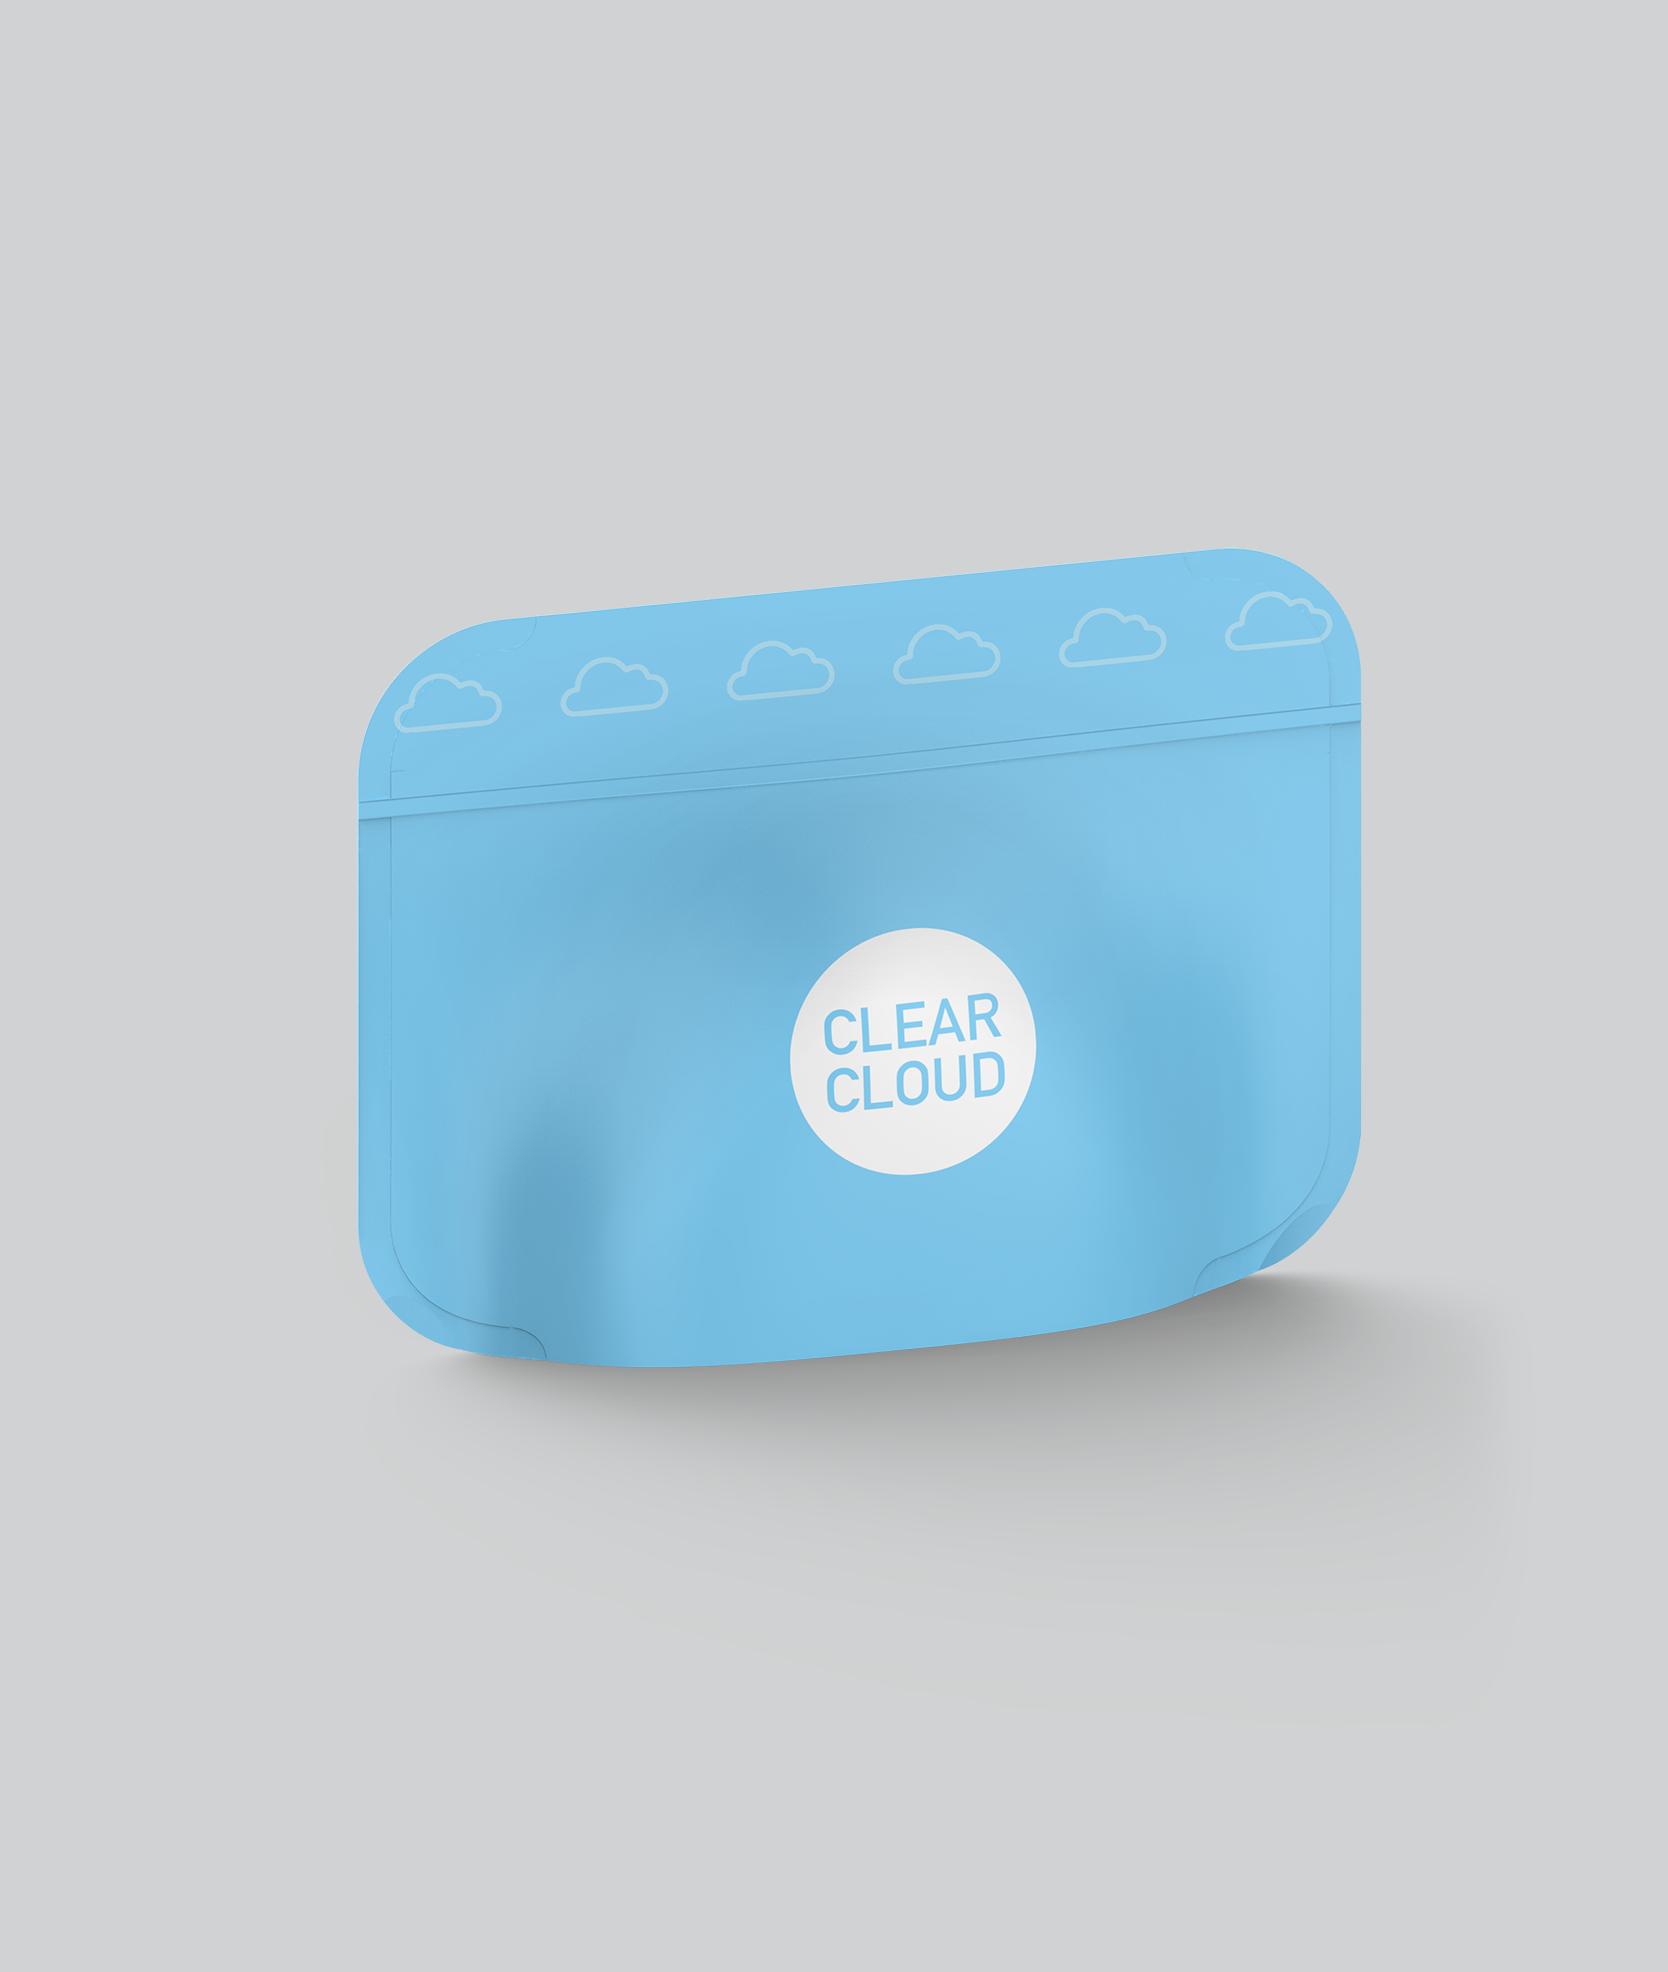 clearcloud-custom-red-dot-custom-packaging-bags